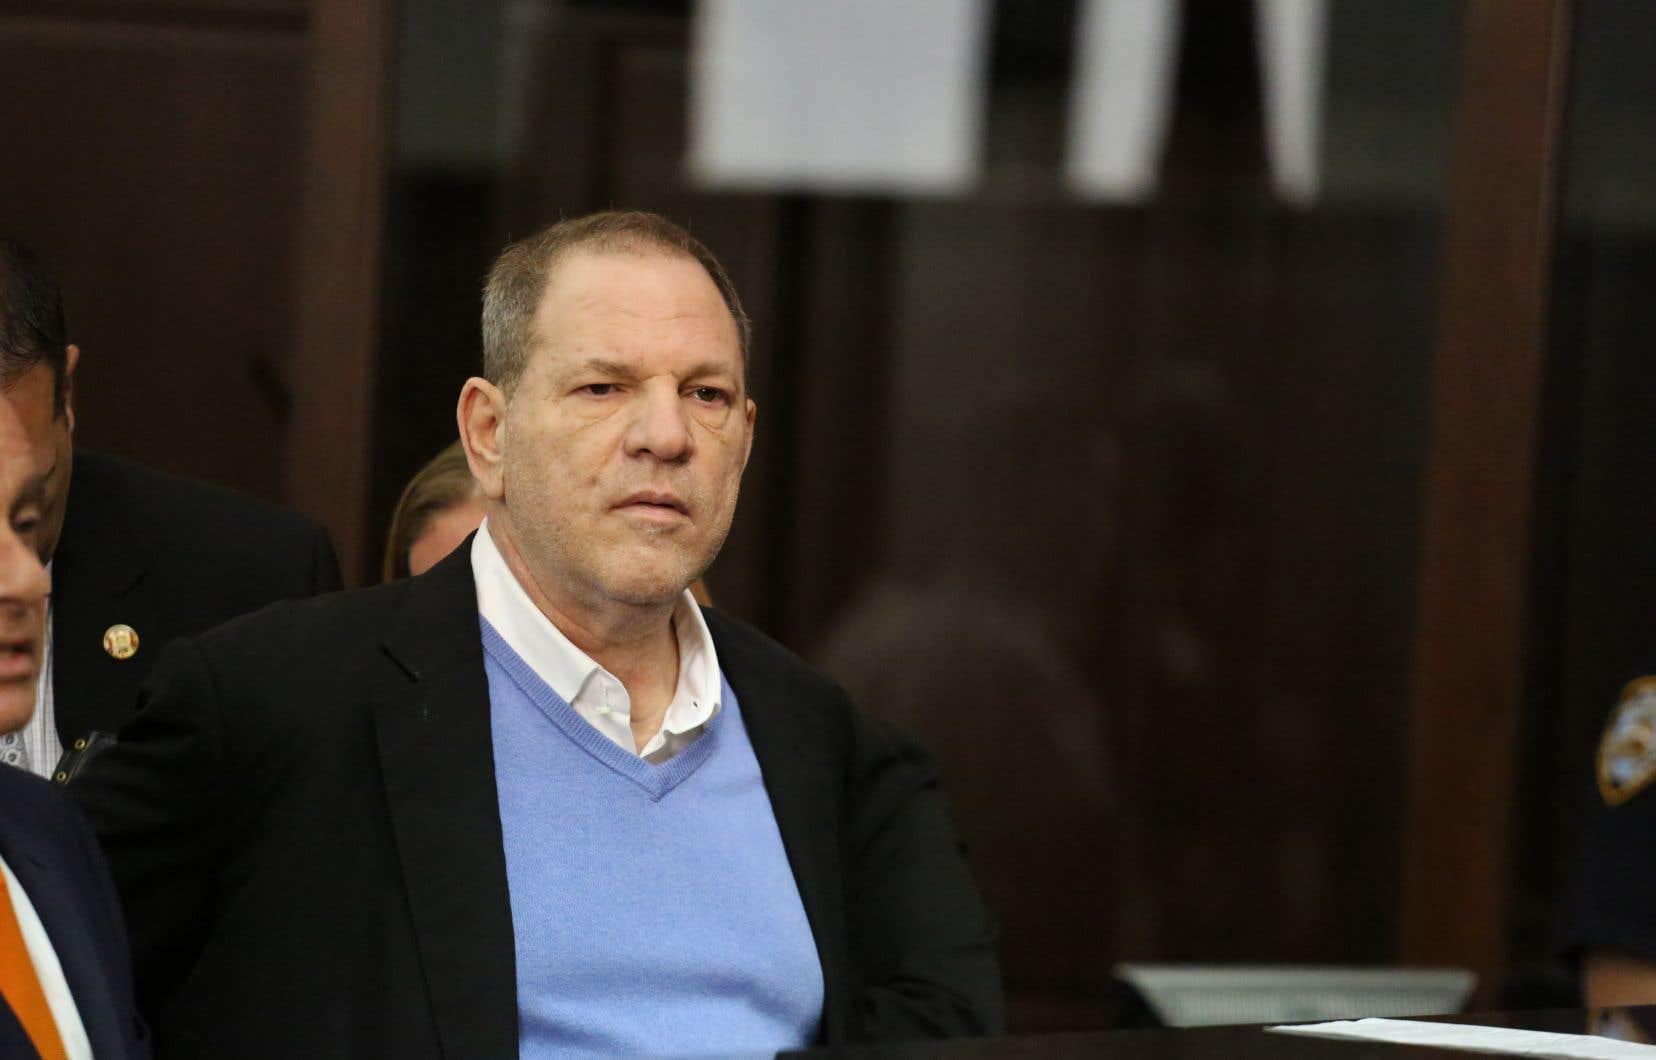 Le producteur de cinéma déchu Harvey Weinstein a été inculpé vendredi à New York pour un viol commis en 2013 et une fellation forcée en 2004, une première saluée par plusieurs figures de proue du mouvement #MeToo.